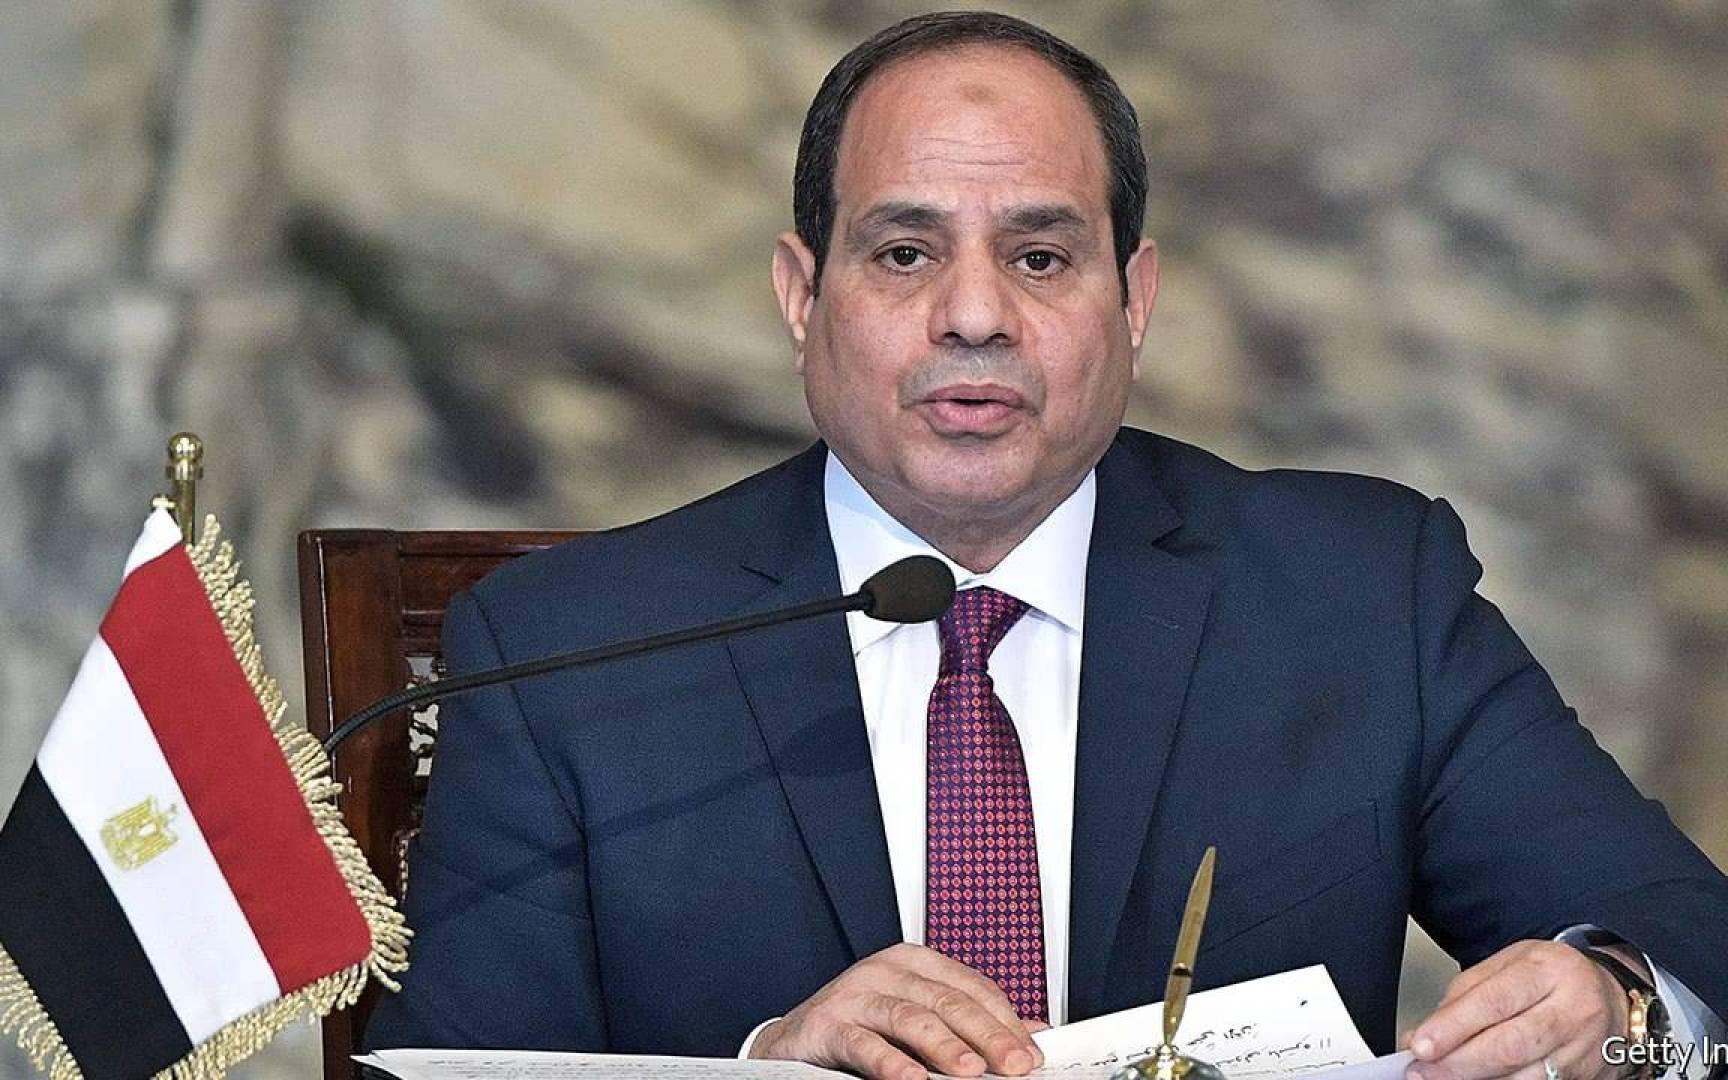 السيسي: الحكومة المصرية ستتكفل بمصاريف الحجر الصحي للعائدين من الخارج